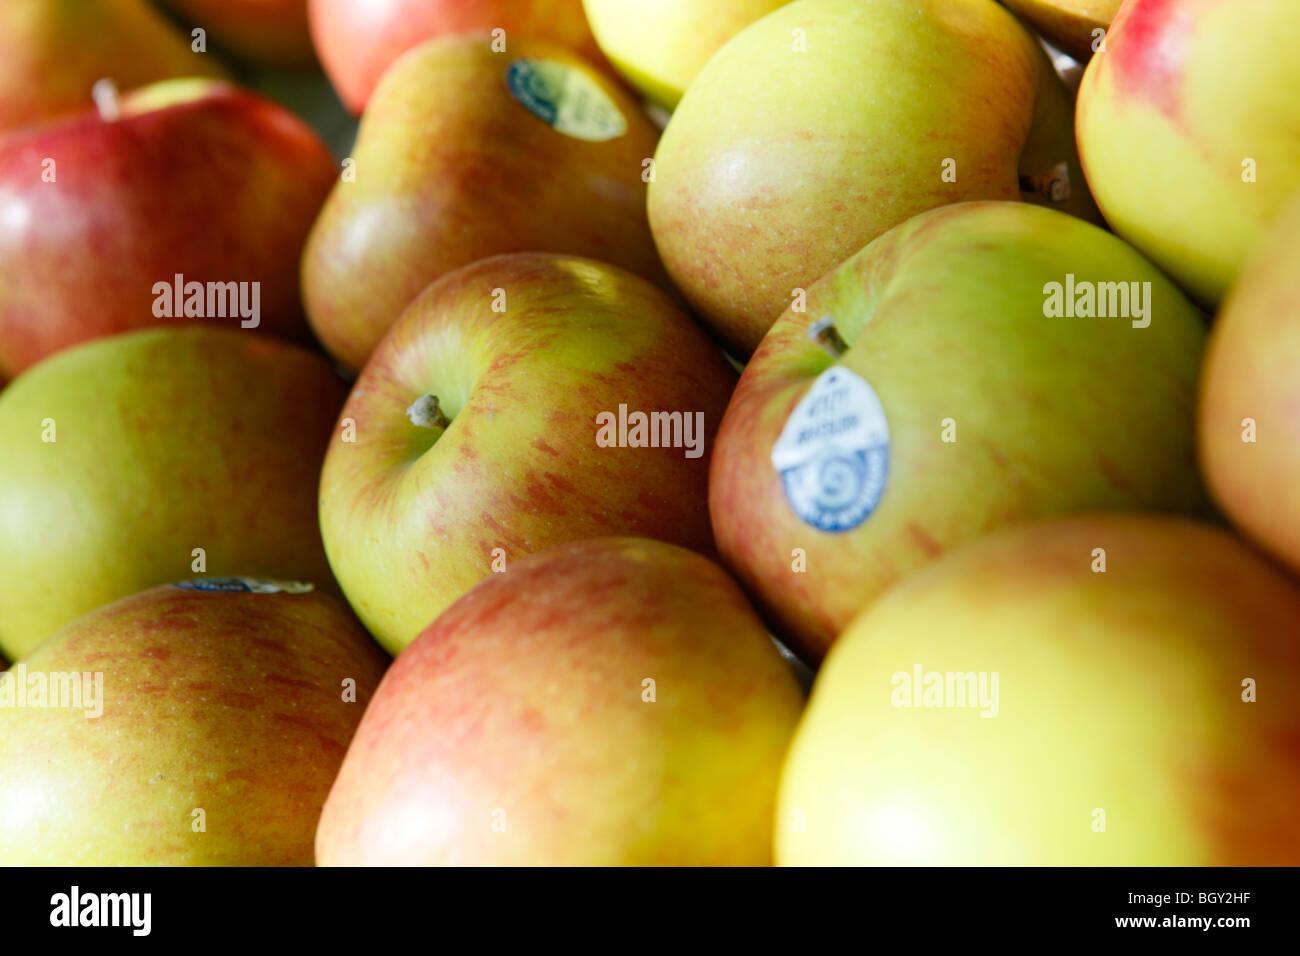 Le bac de pommes dans un supermarché. Photo Stock